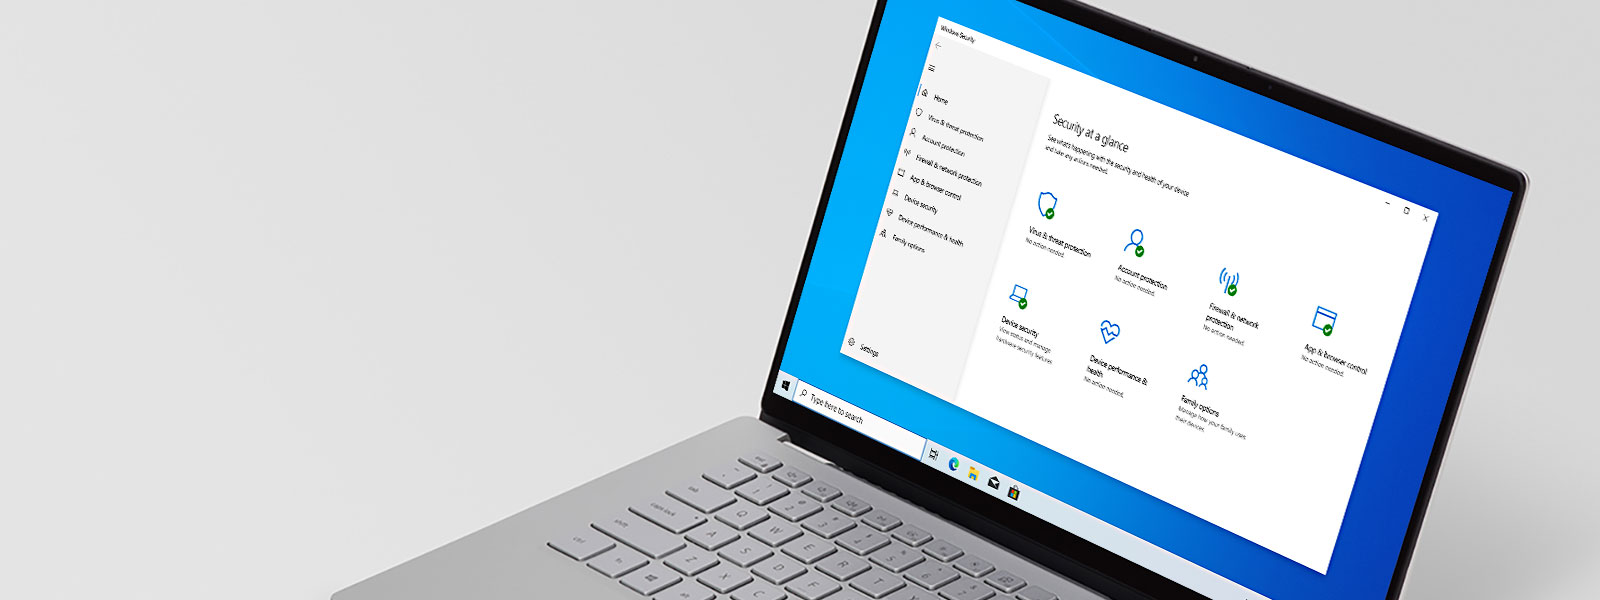 Windows 10 laptop displaying Microsoft Defender Antivirus window